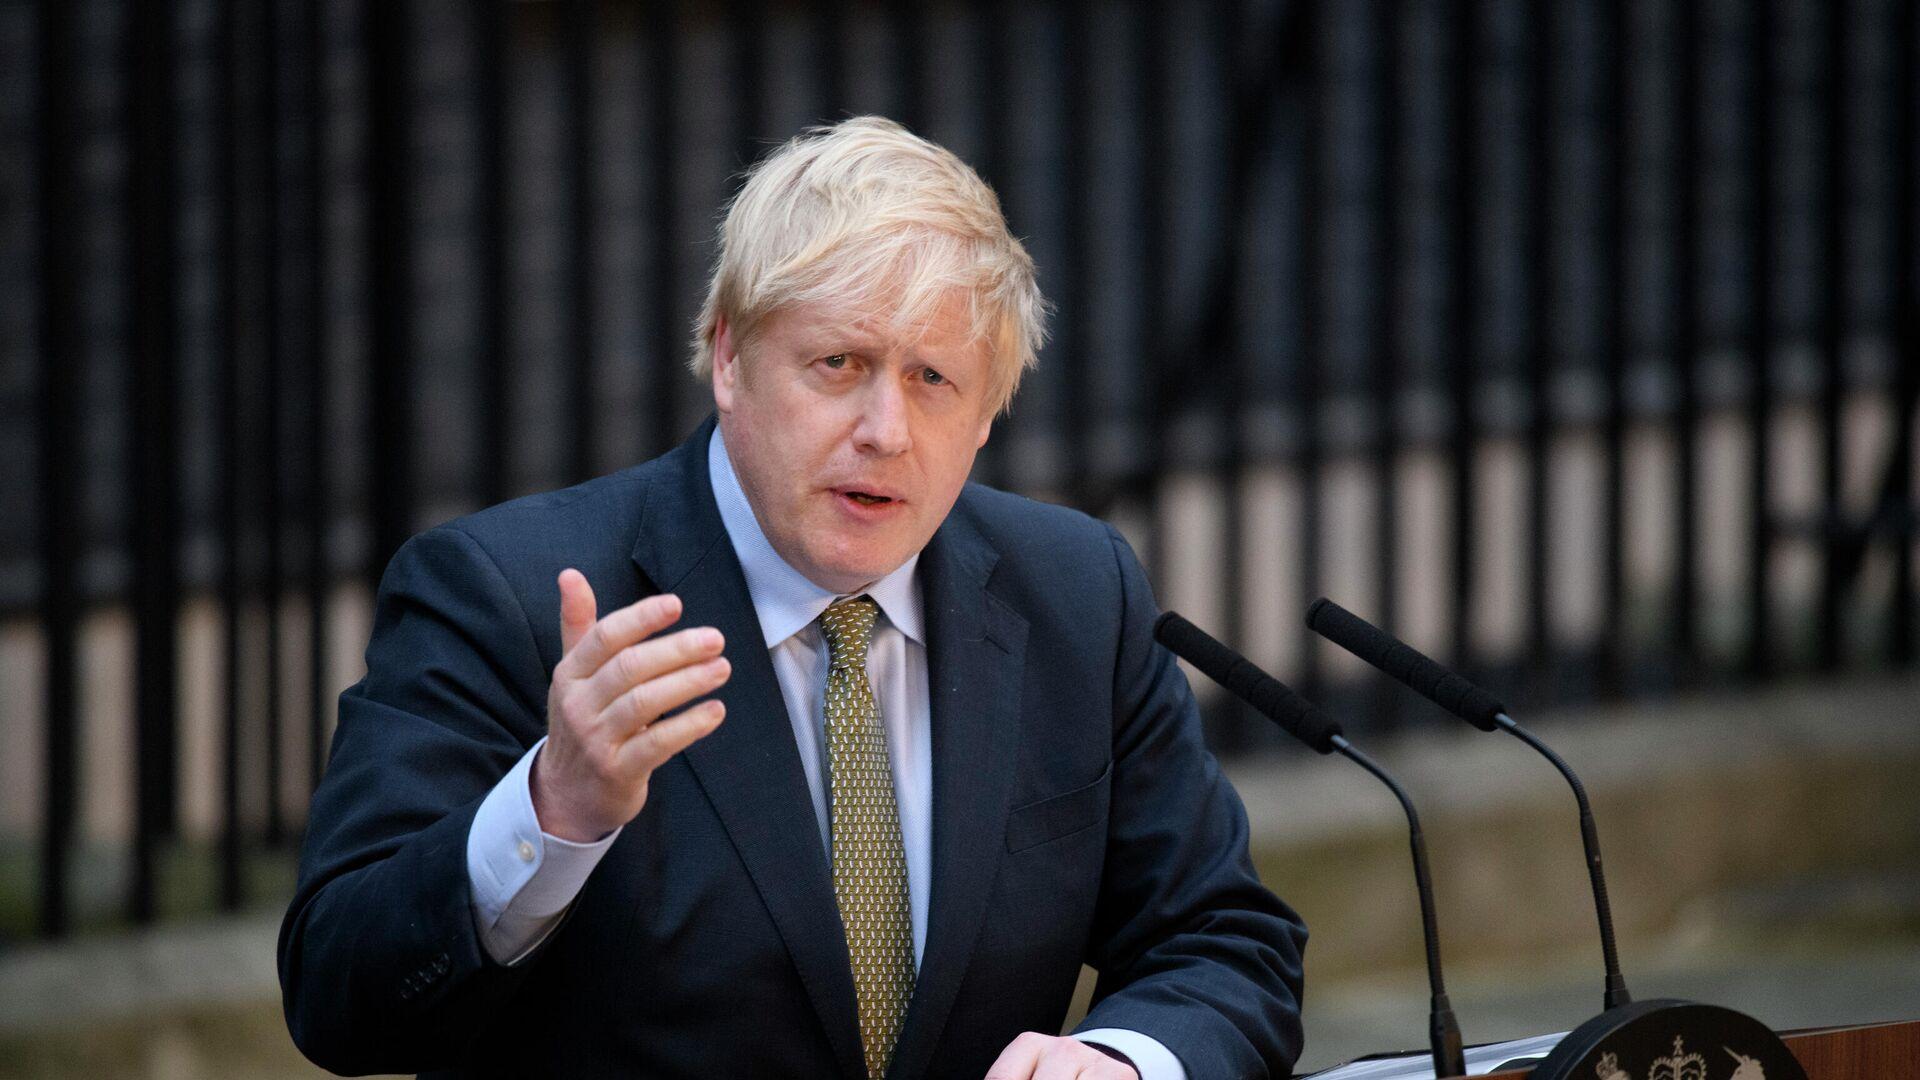 Выступление Б. Джонсона по итогам выборов в Великобритании - Sputnik Беларусь, 1920, 23.09.2021